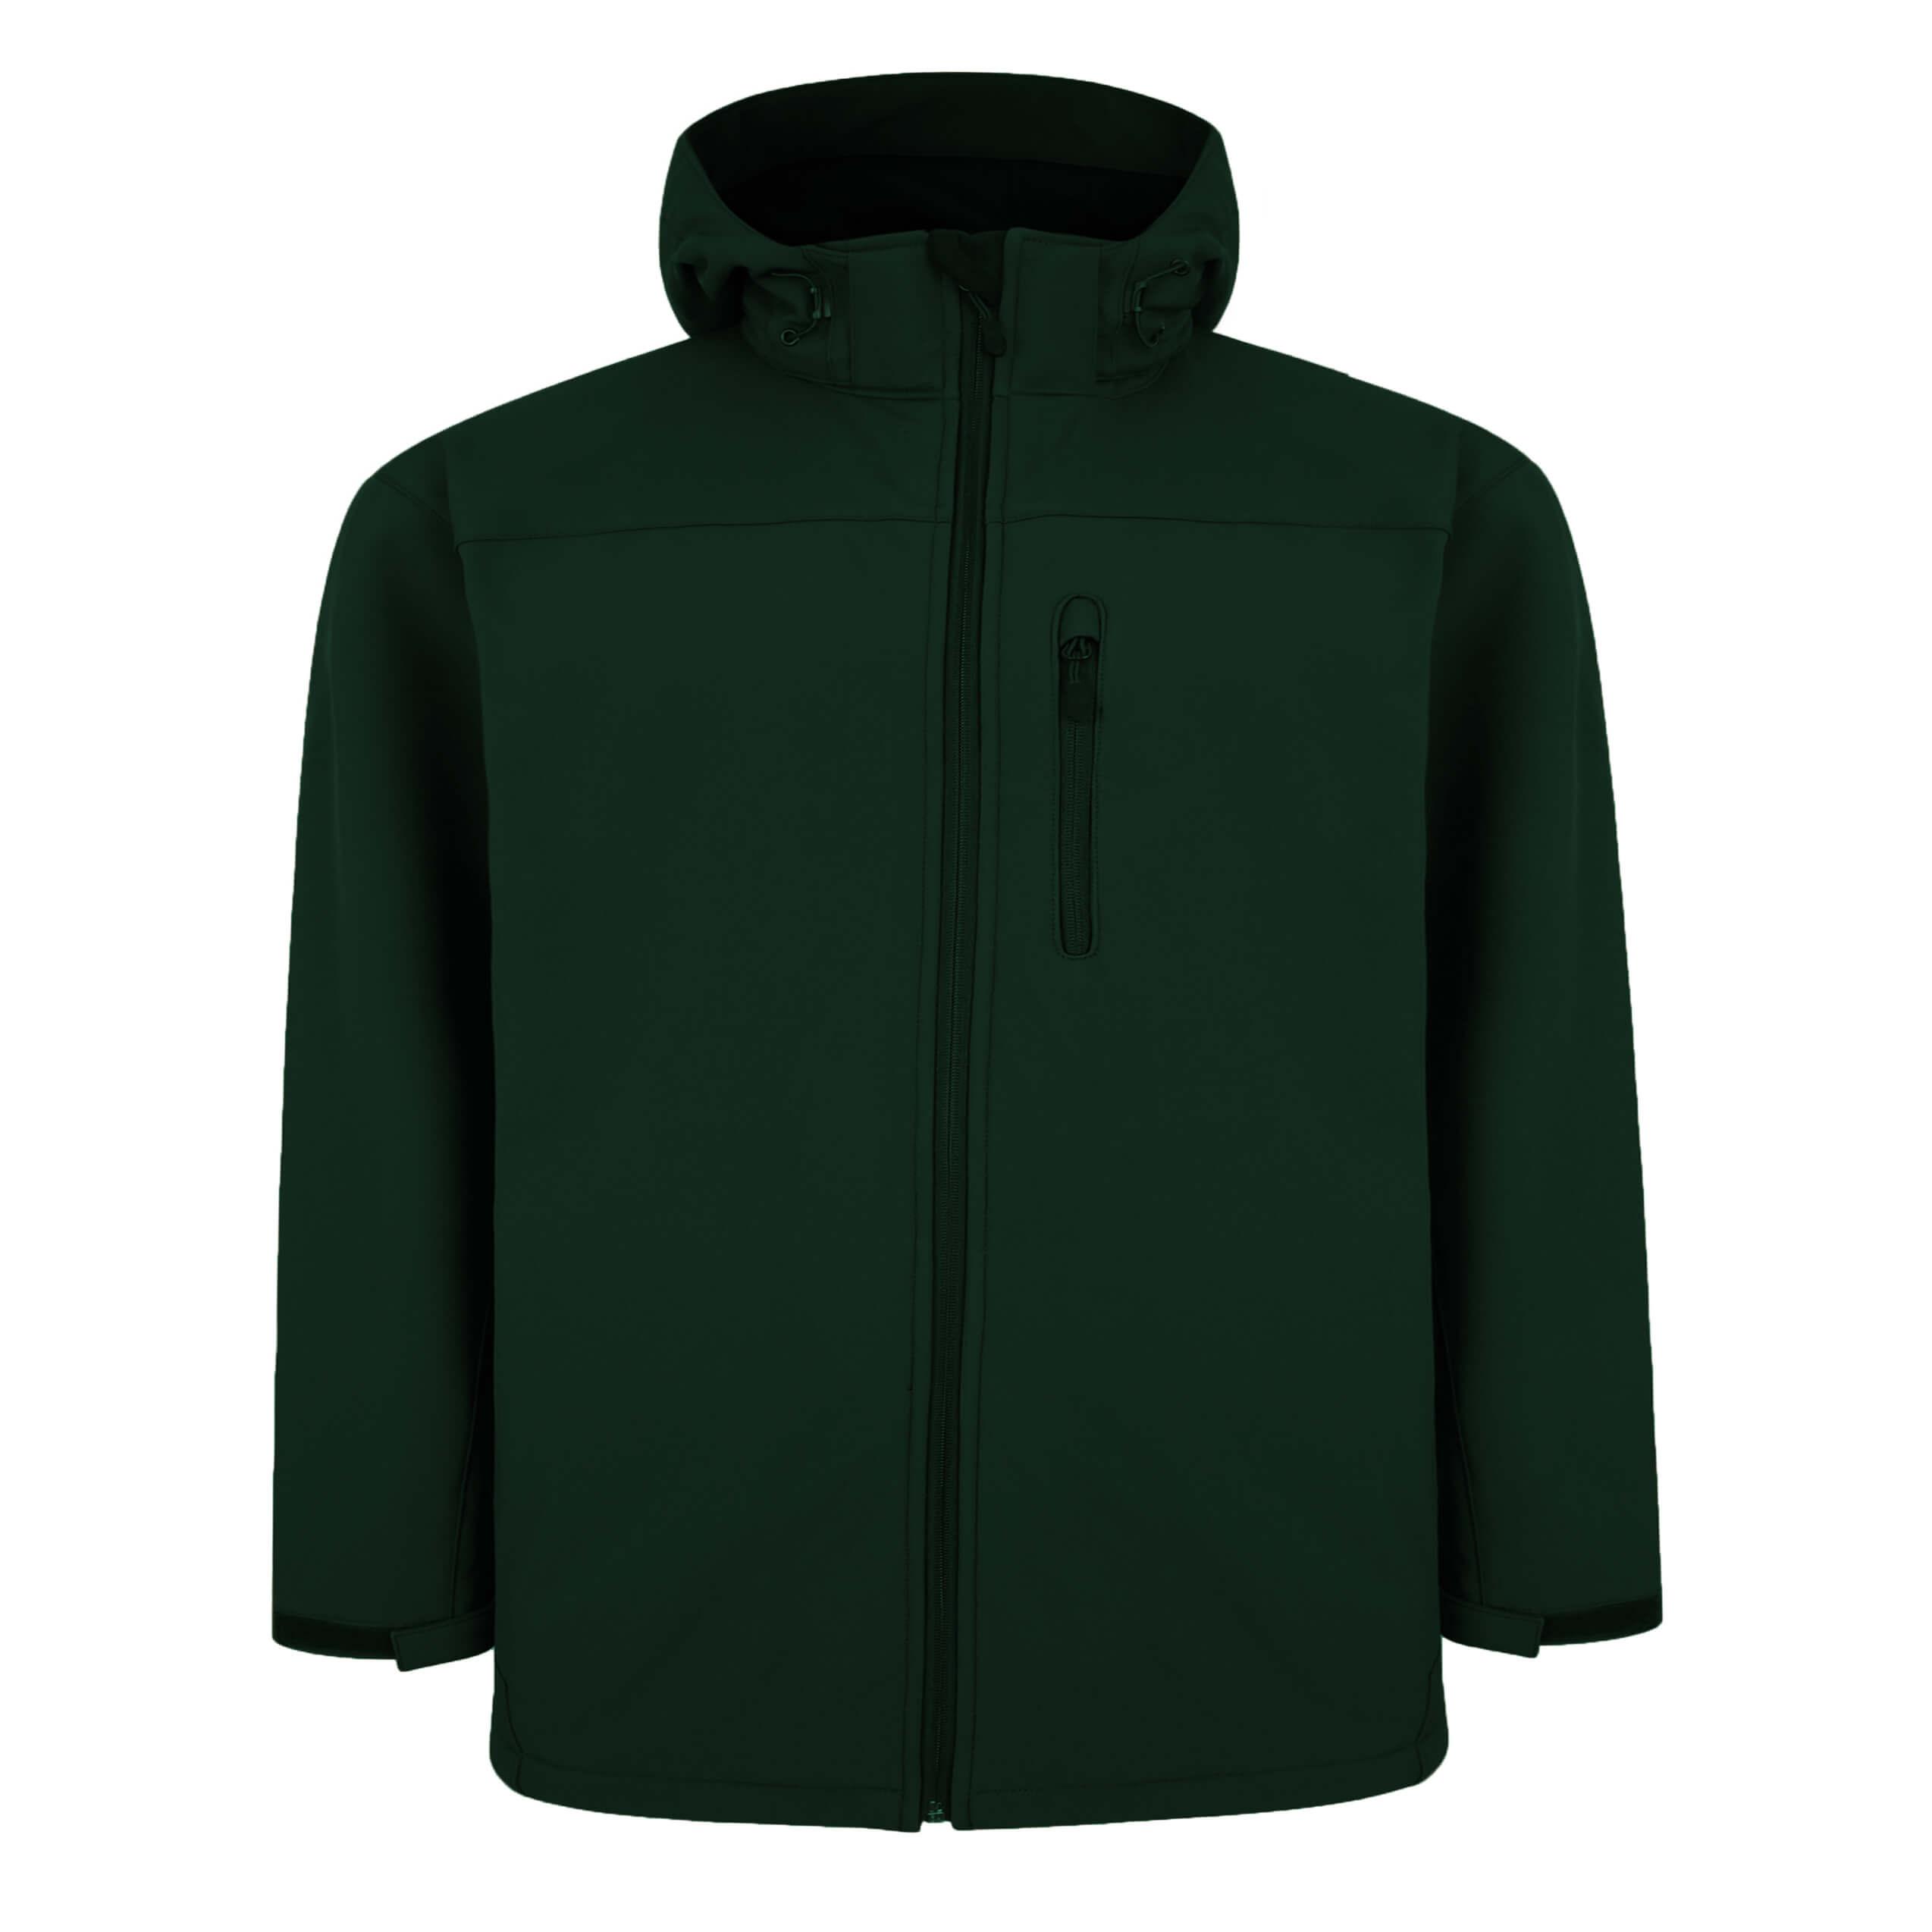 Espionage Soft Shell Jacket